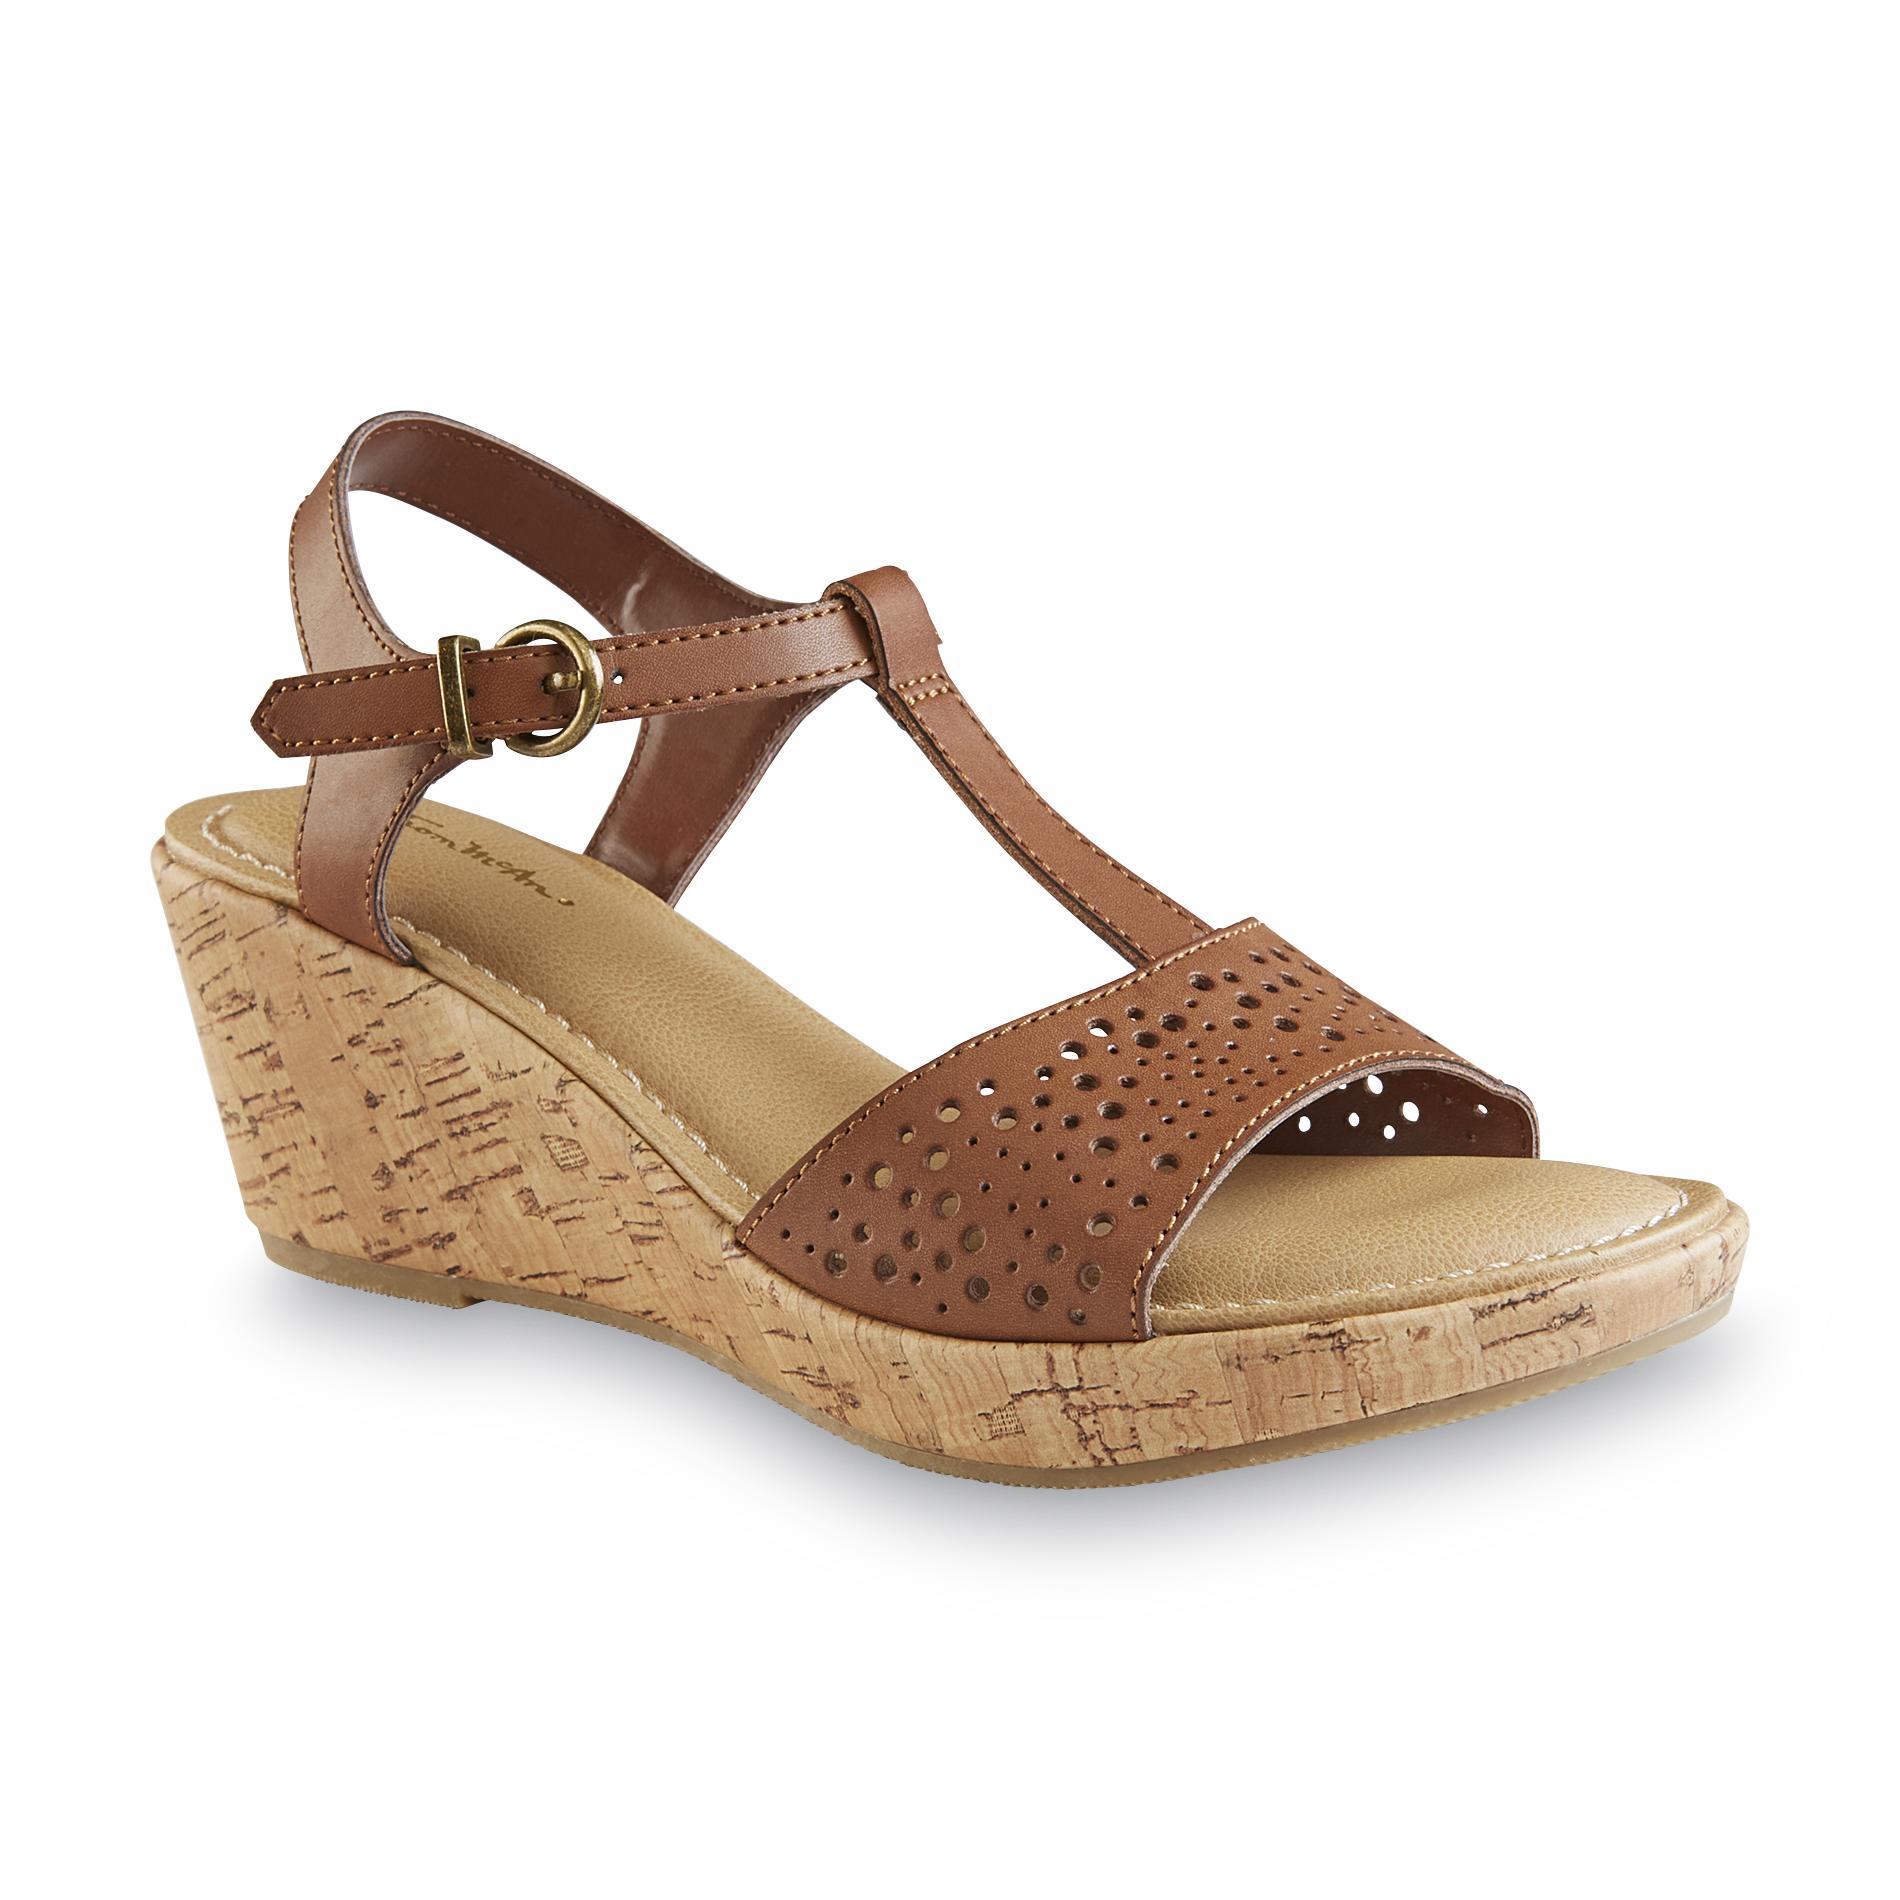 Thom McAn Women's Weslyn Cognac Wedge Sandal